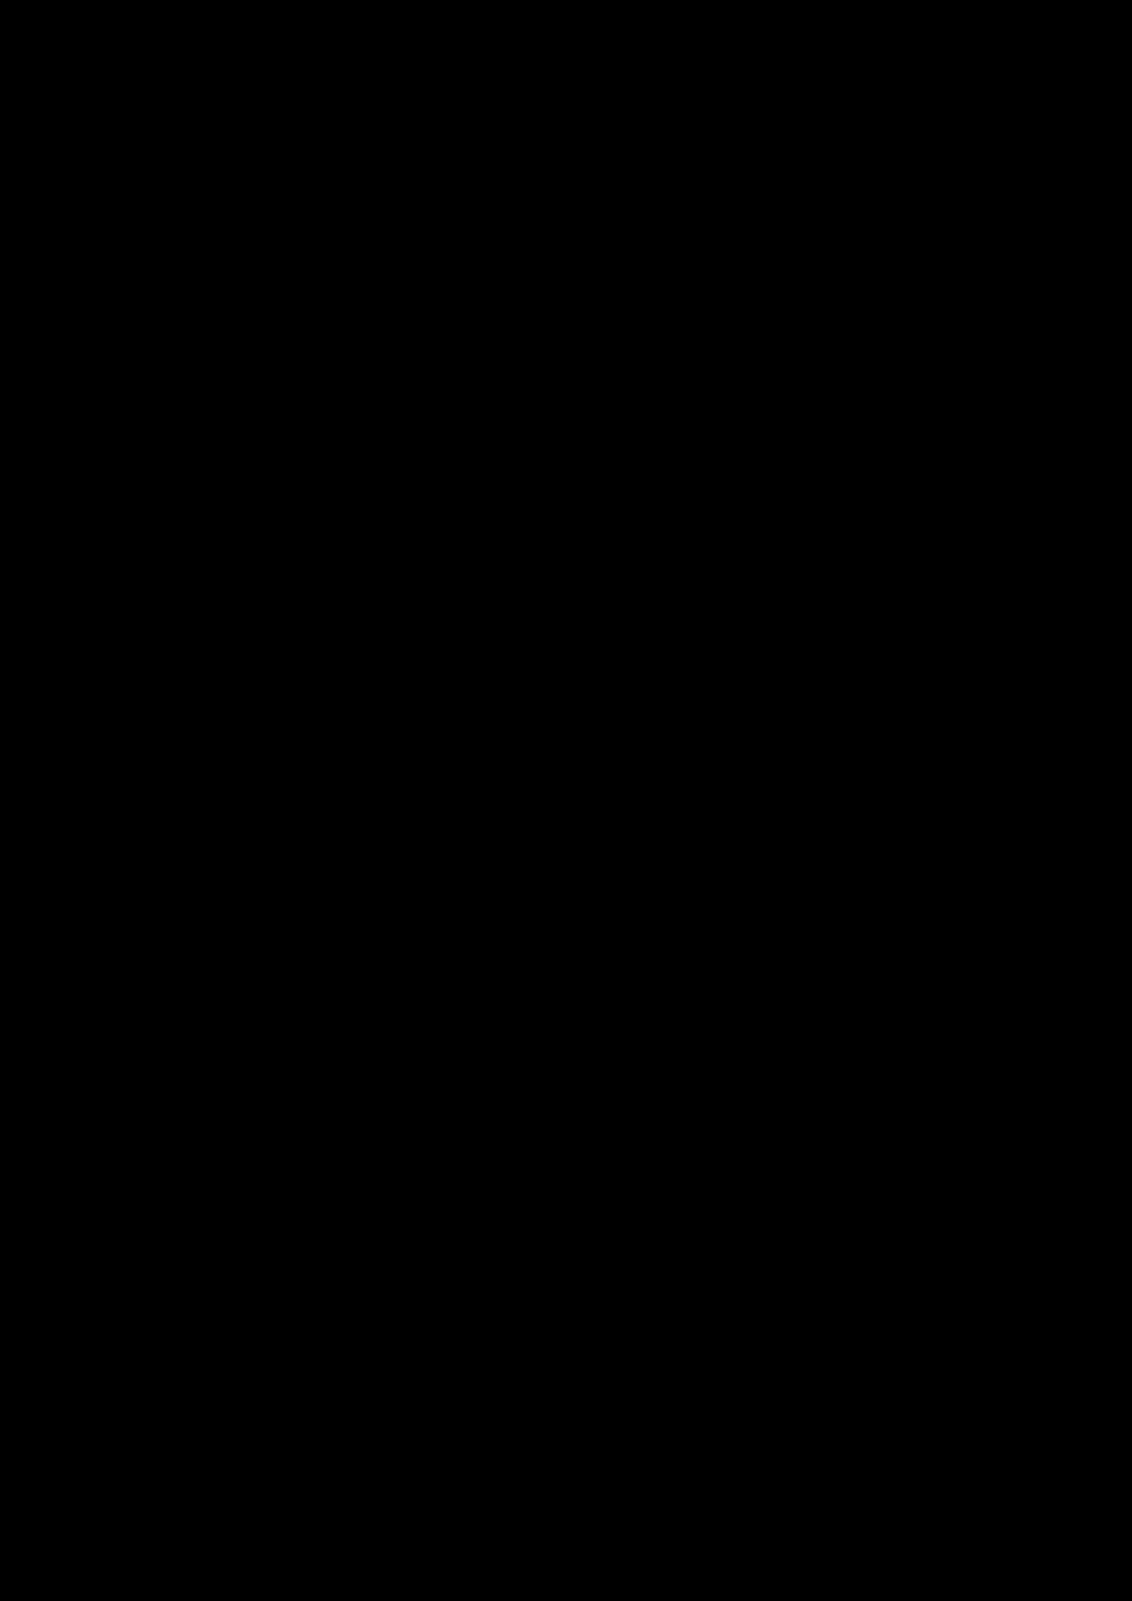 Serdtse slide, Image 35